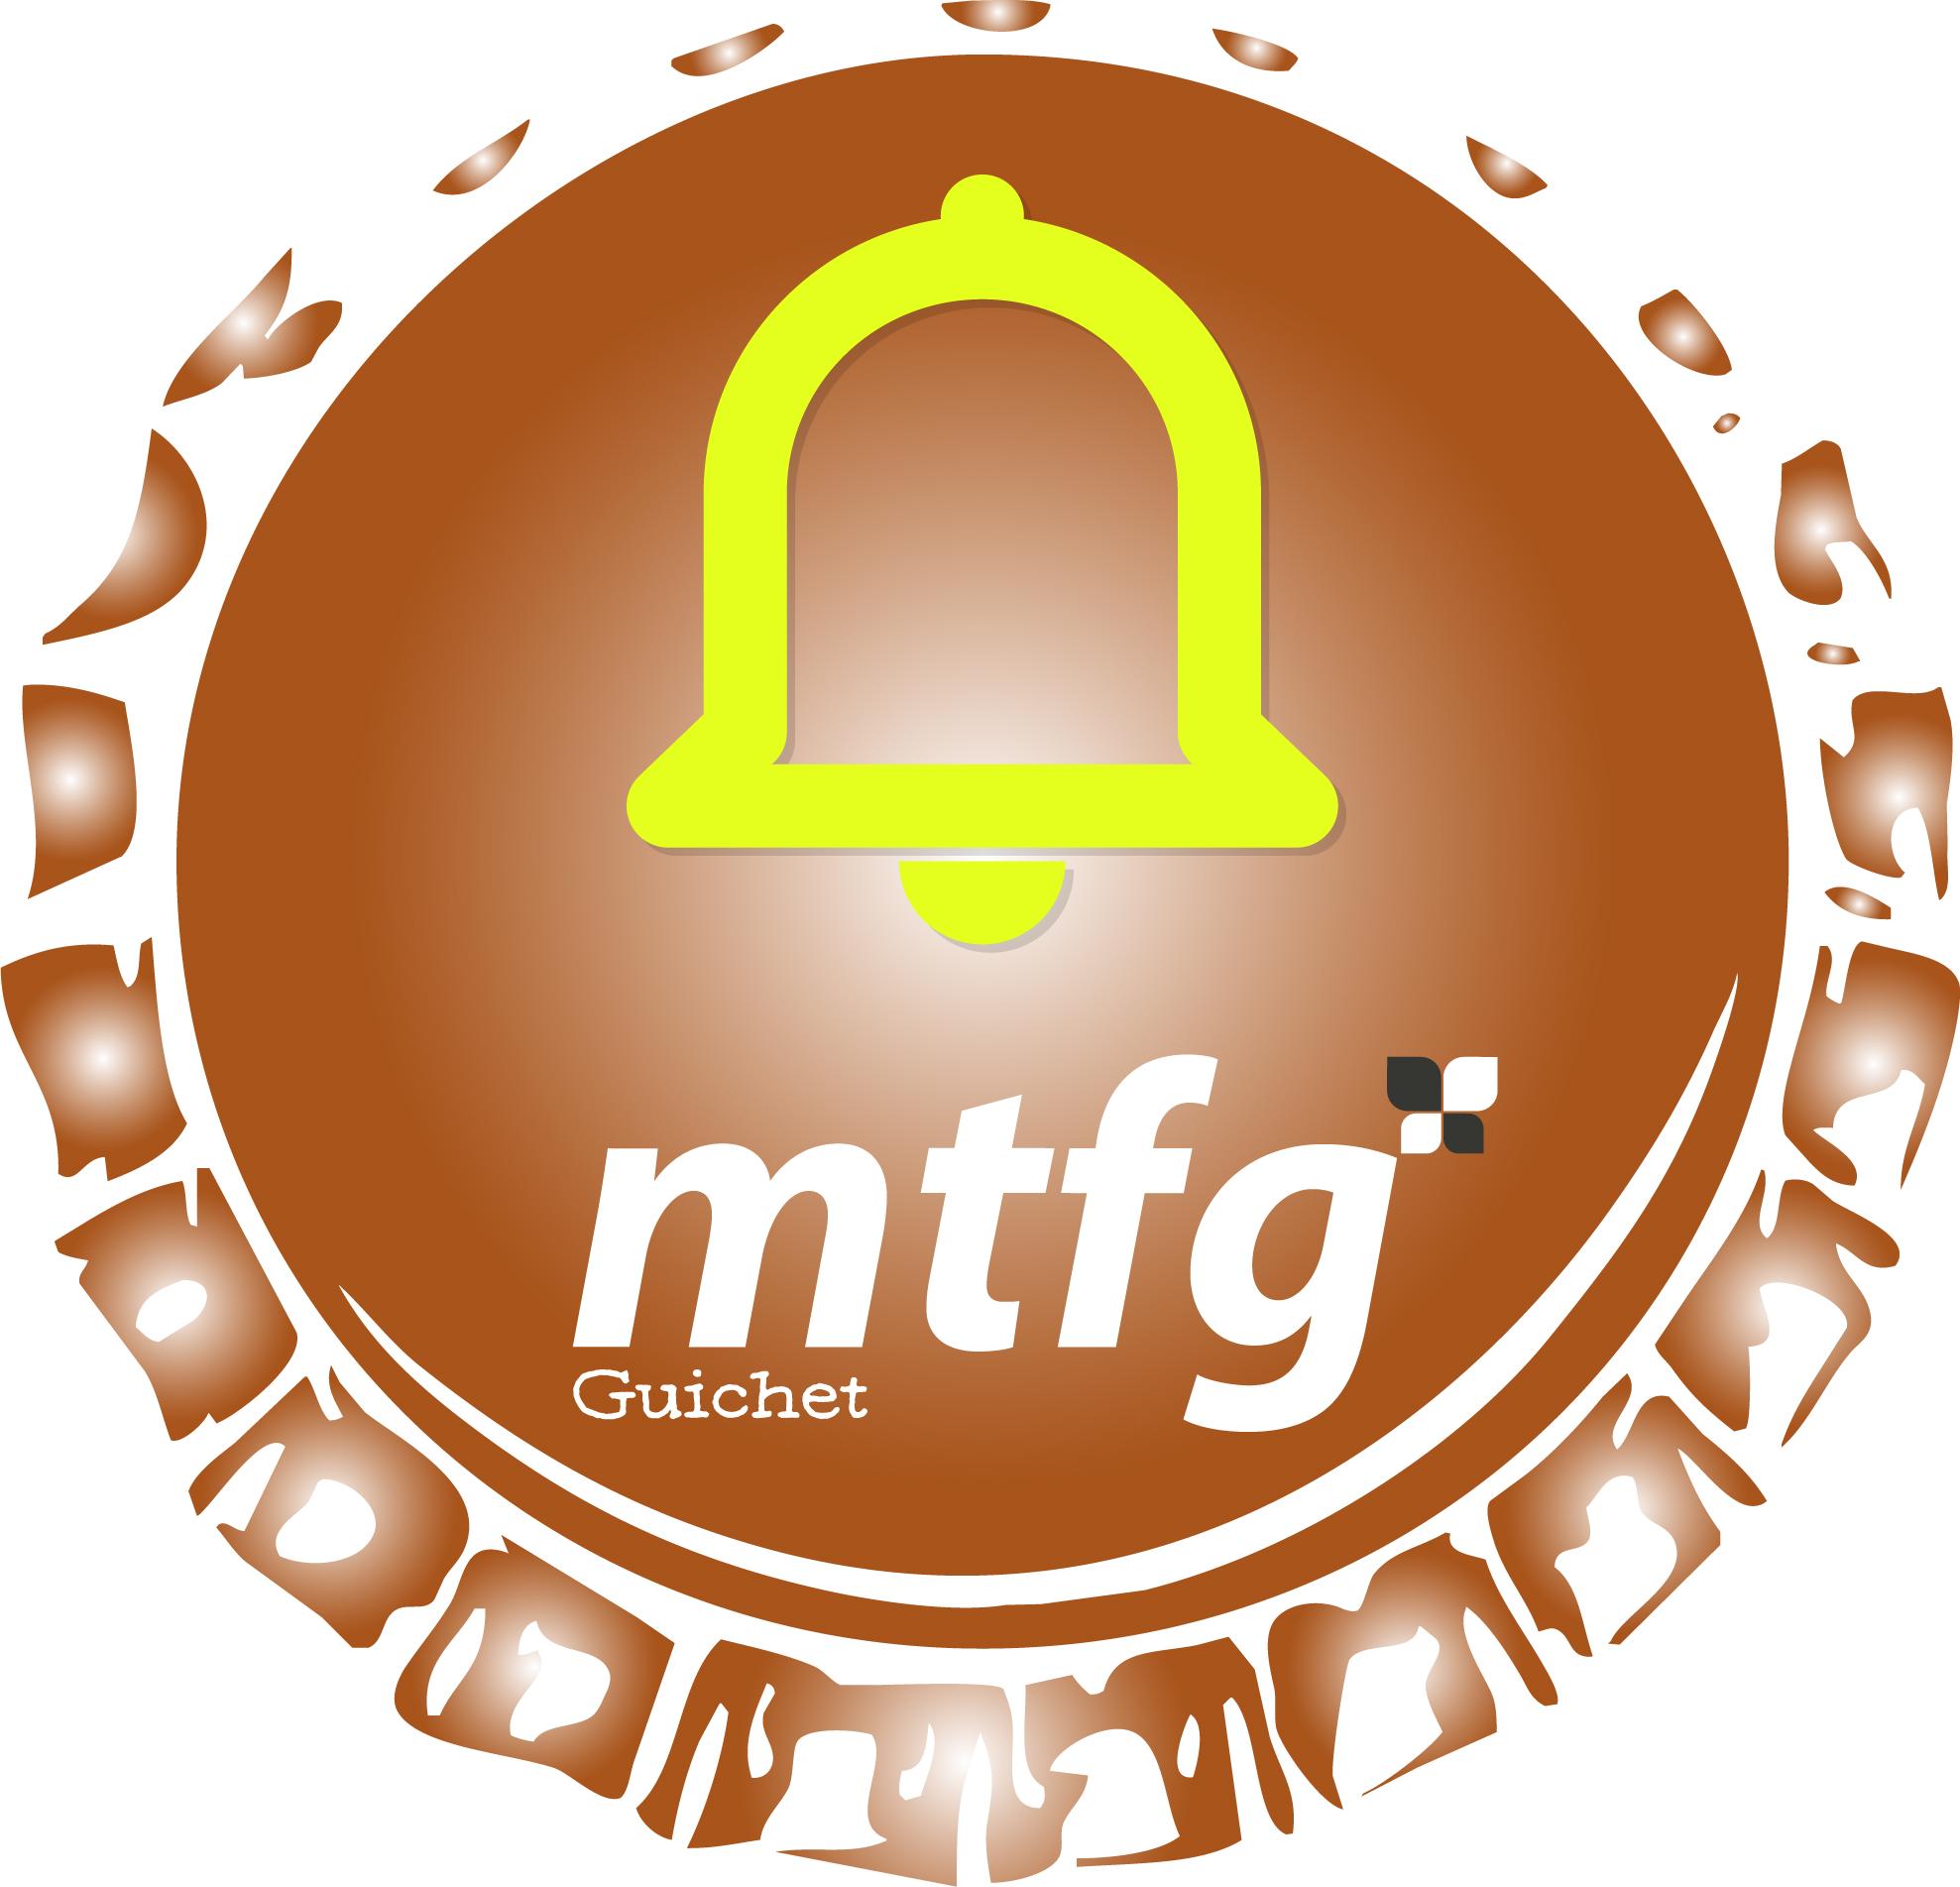 MTFG Guichet